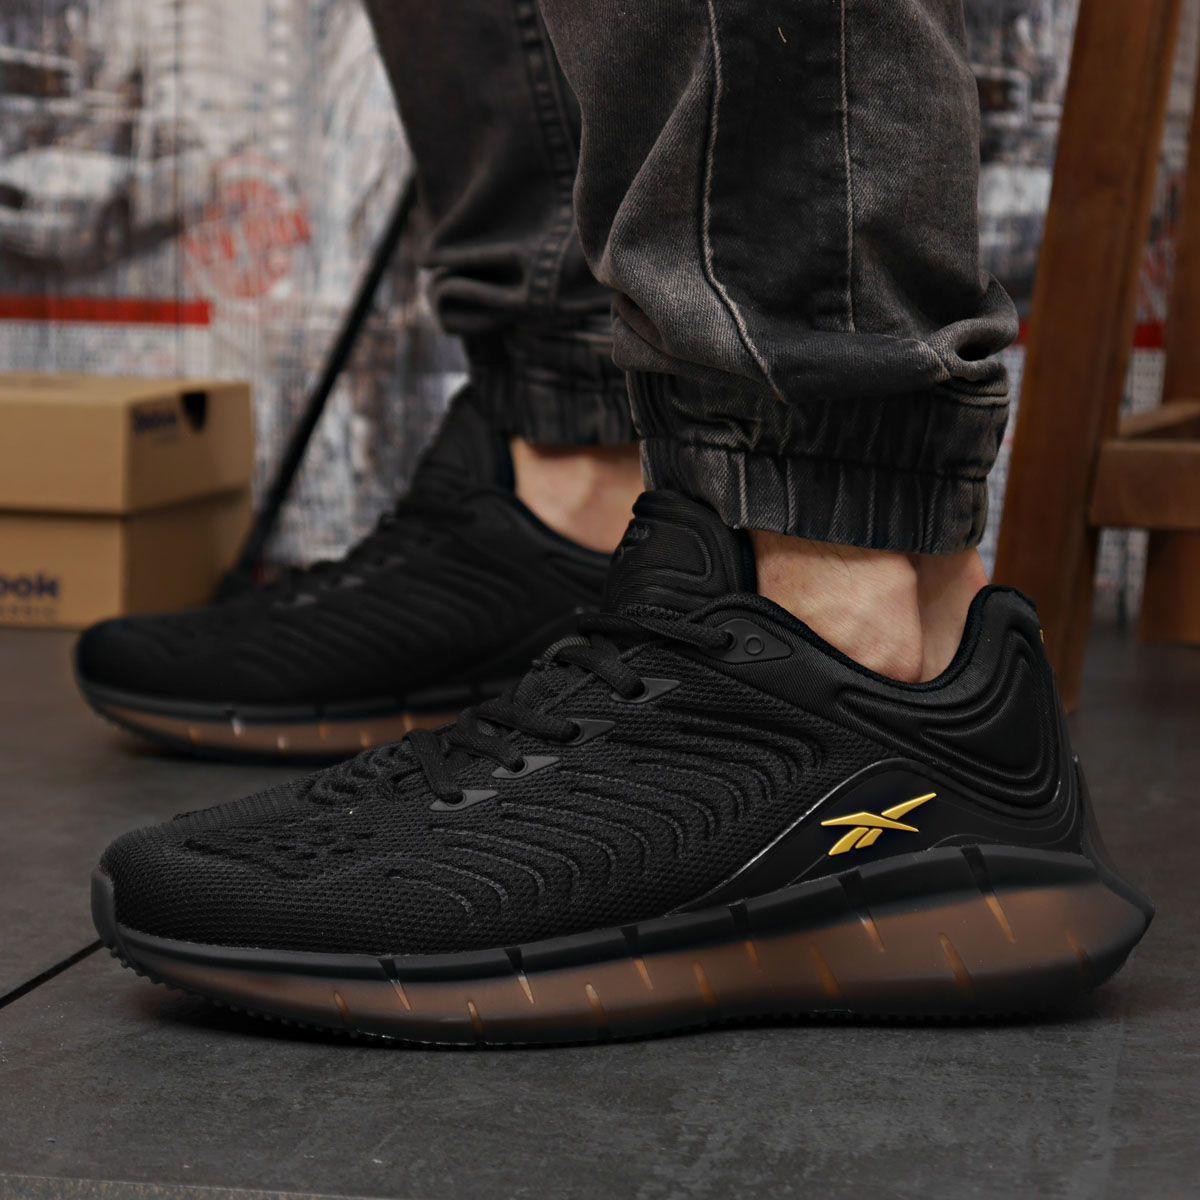 Чоловічі кросівки Reebok Zig Kinetica чорні / кросівки Рібок Зіг Кінетика (Топ репліка ААА+)